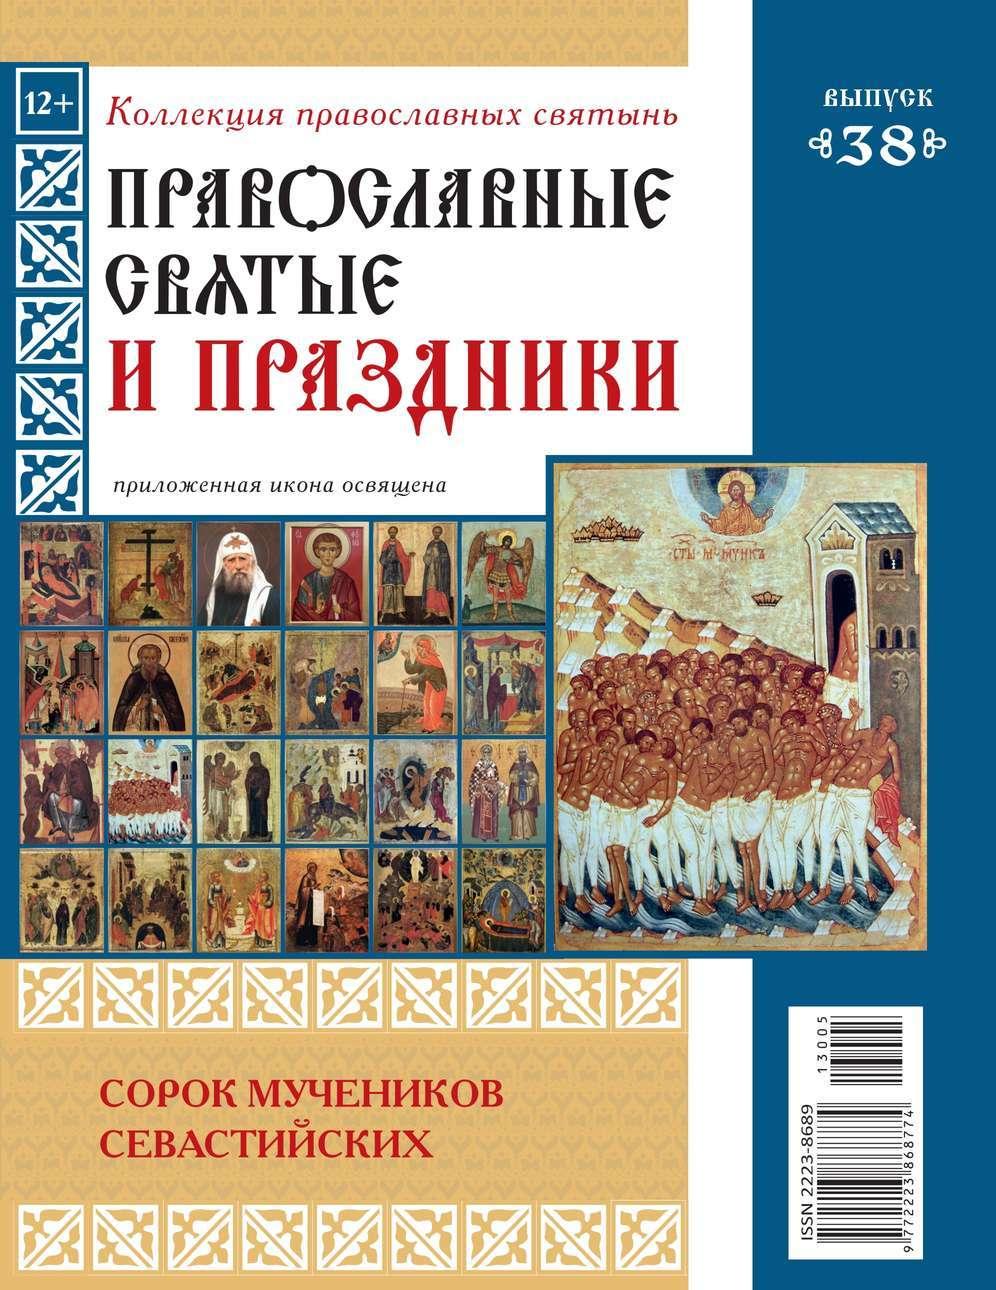 Коллекция Православных Святынь 38